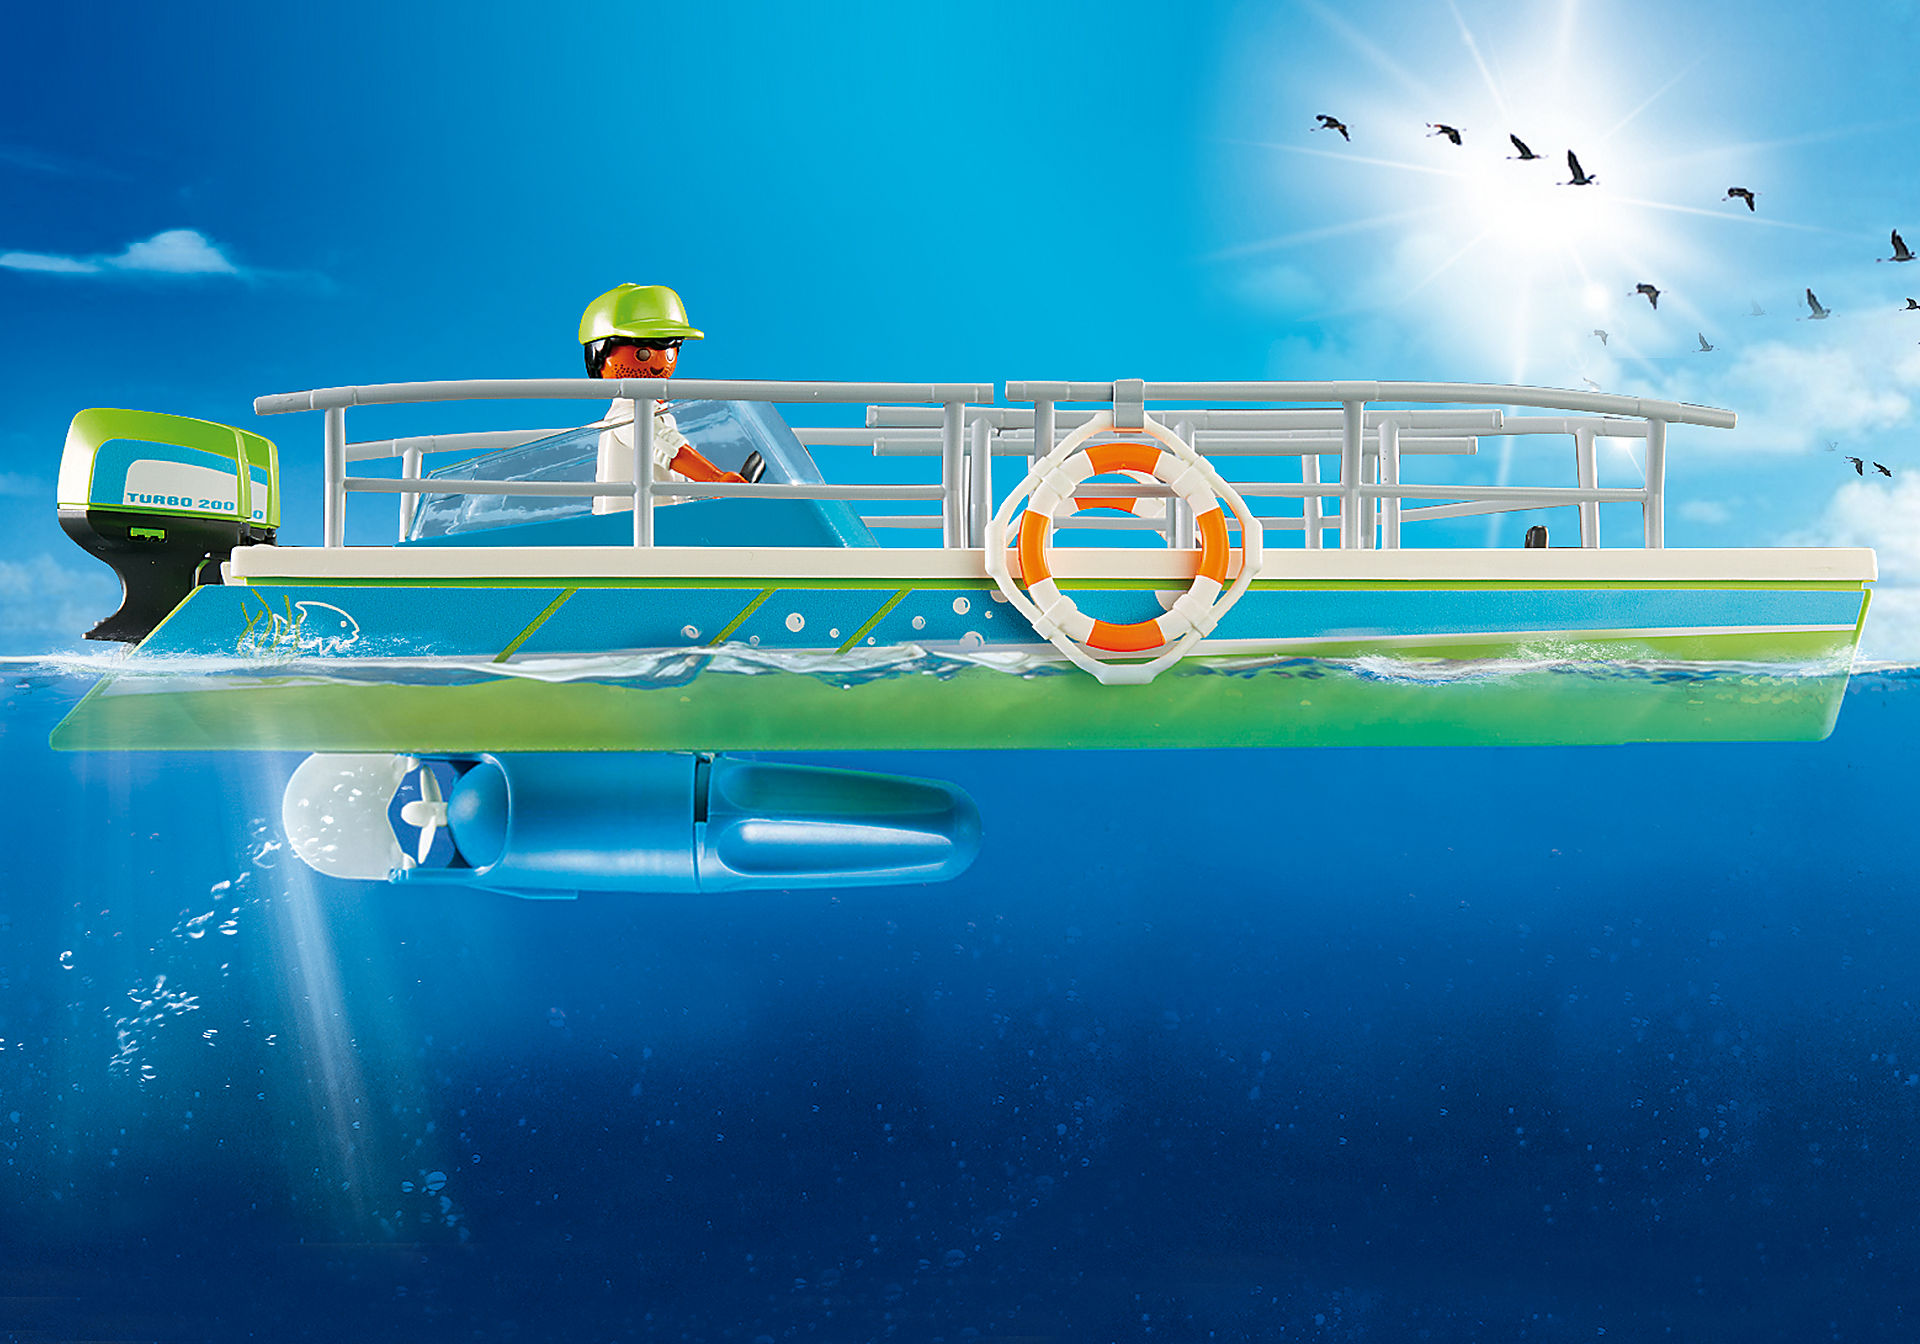 http://media.playmobil.com/i/playmobil/9233_product_extra3/BARCO COM VISAO SUBMARINA E MOTOR